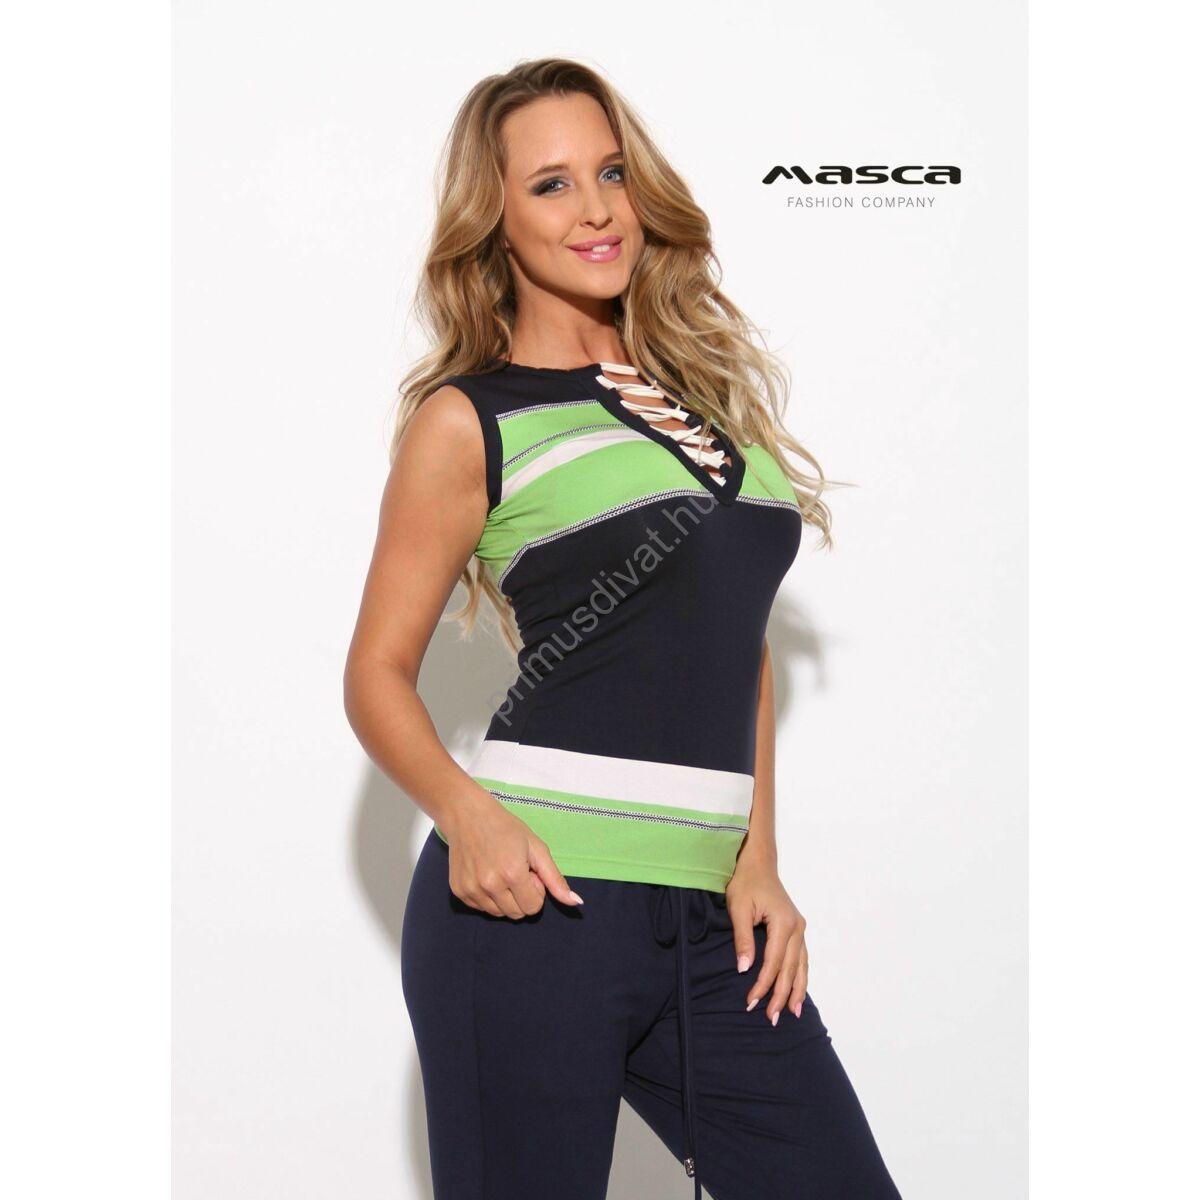 0893ee2e53 Kép 1/1 - Masca Fashion fűzős dekoltázsú zöld-fehér csíkos sötétkék  ujjatlan felső